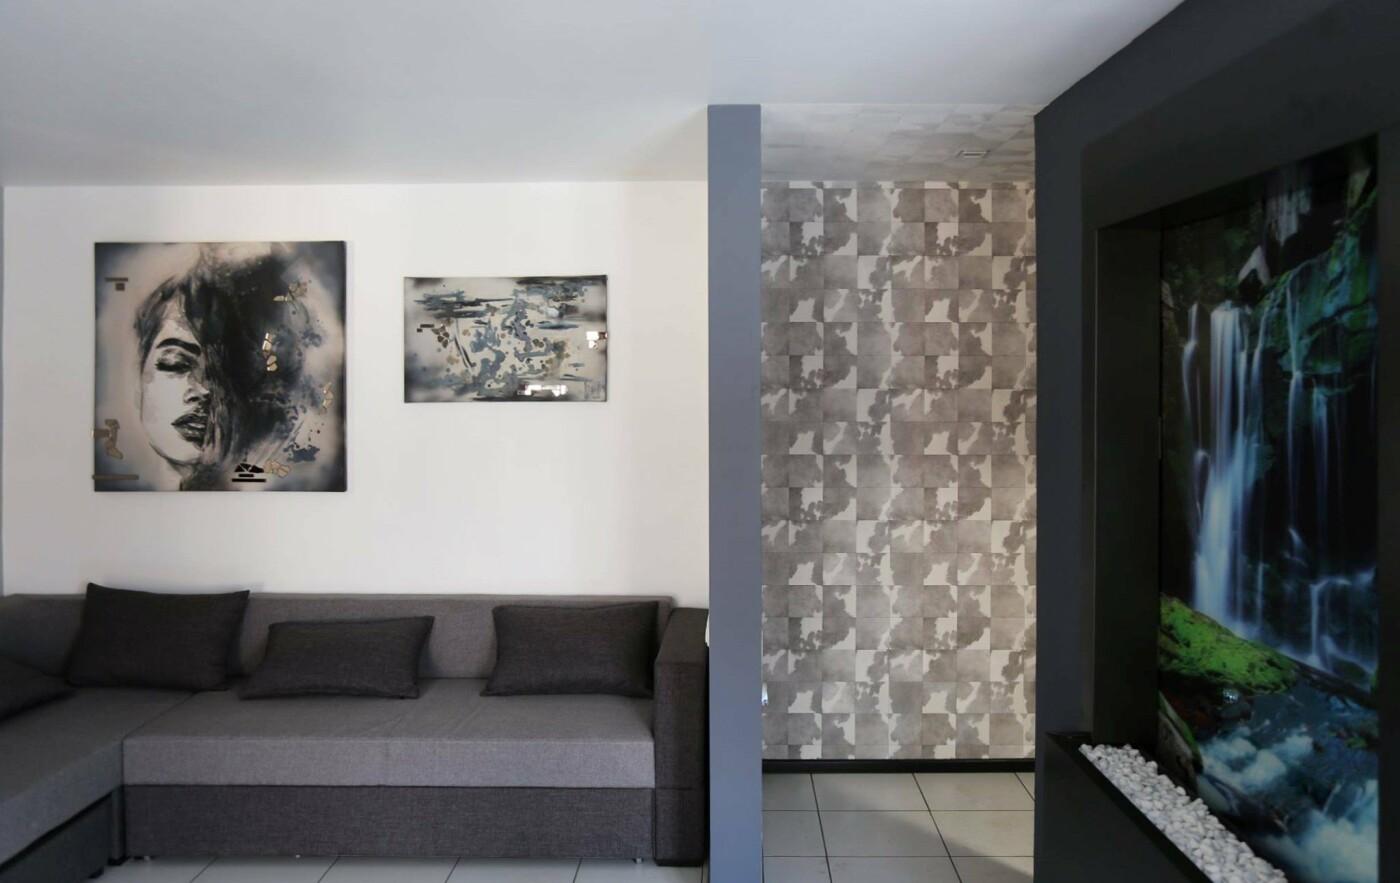 Современный дизайн интерьера от студии Романа Москаленко , фото-2